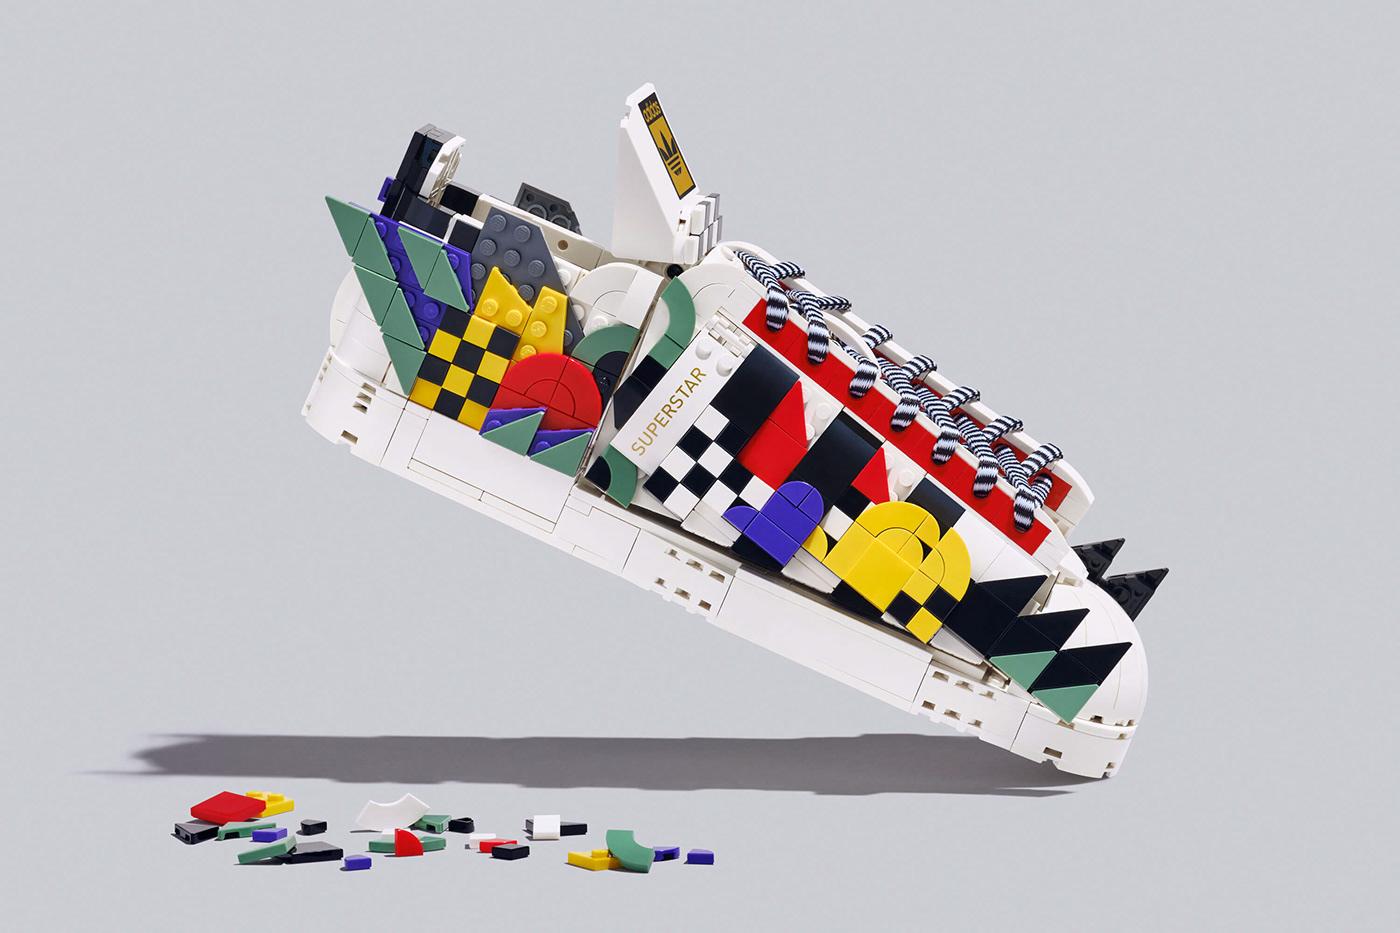 art direction  Collaboration design sculpture shoe